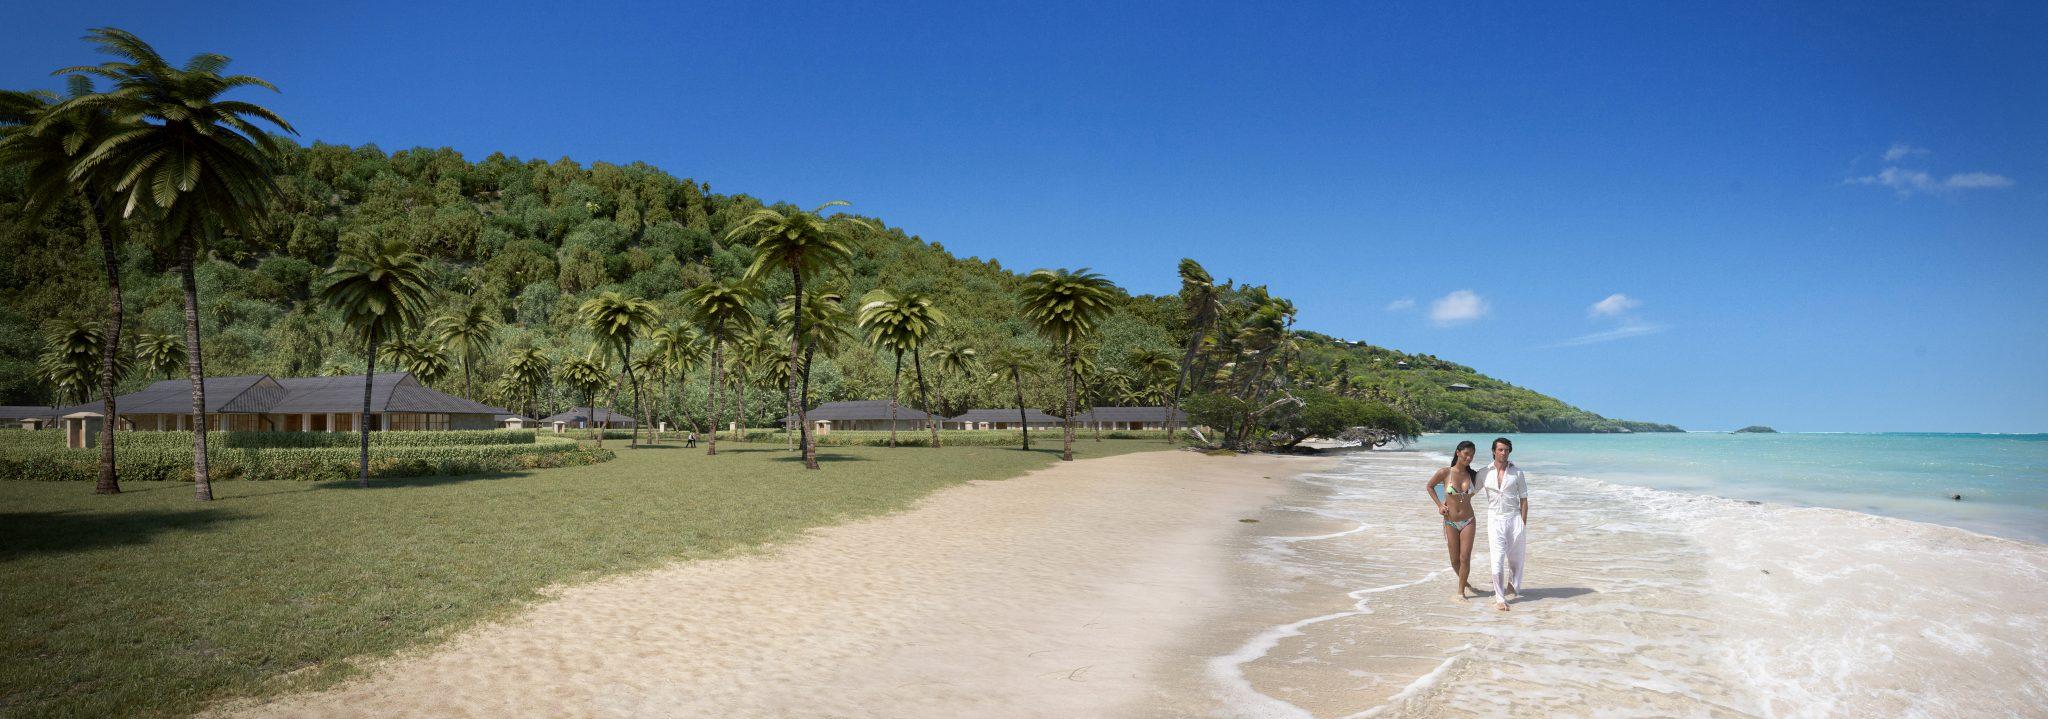 Strandvillor på ön Bequia, Karibien. Ritade av Rex Arkitektbyrå